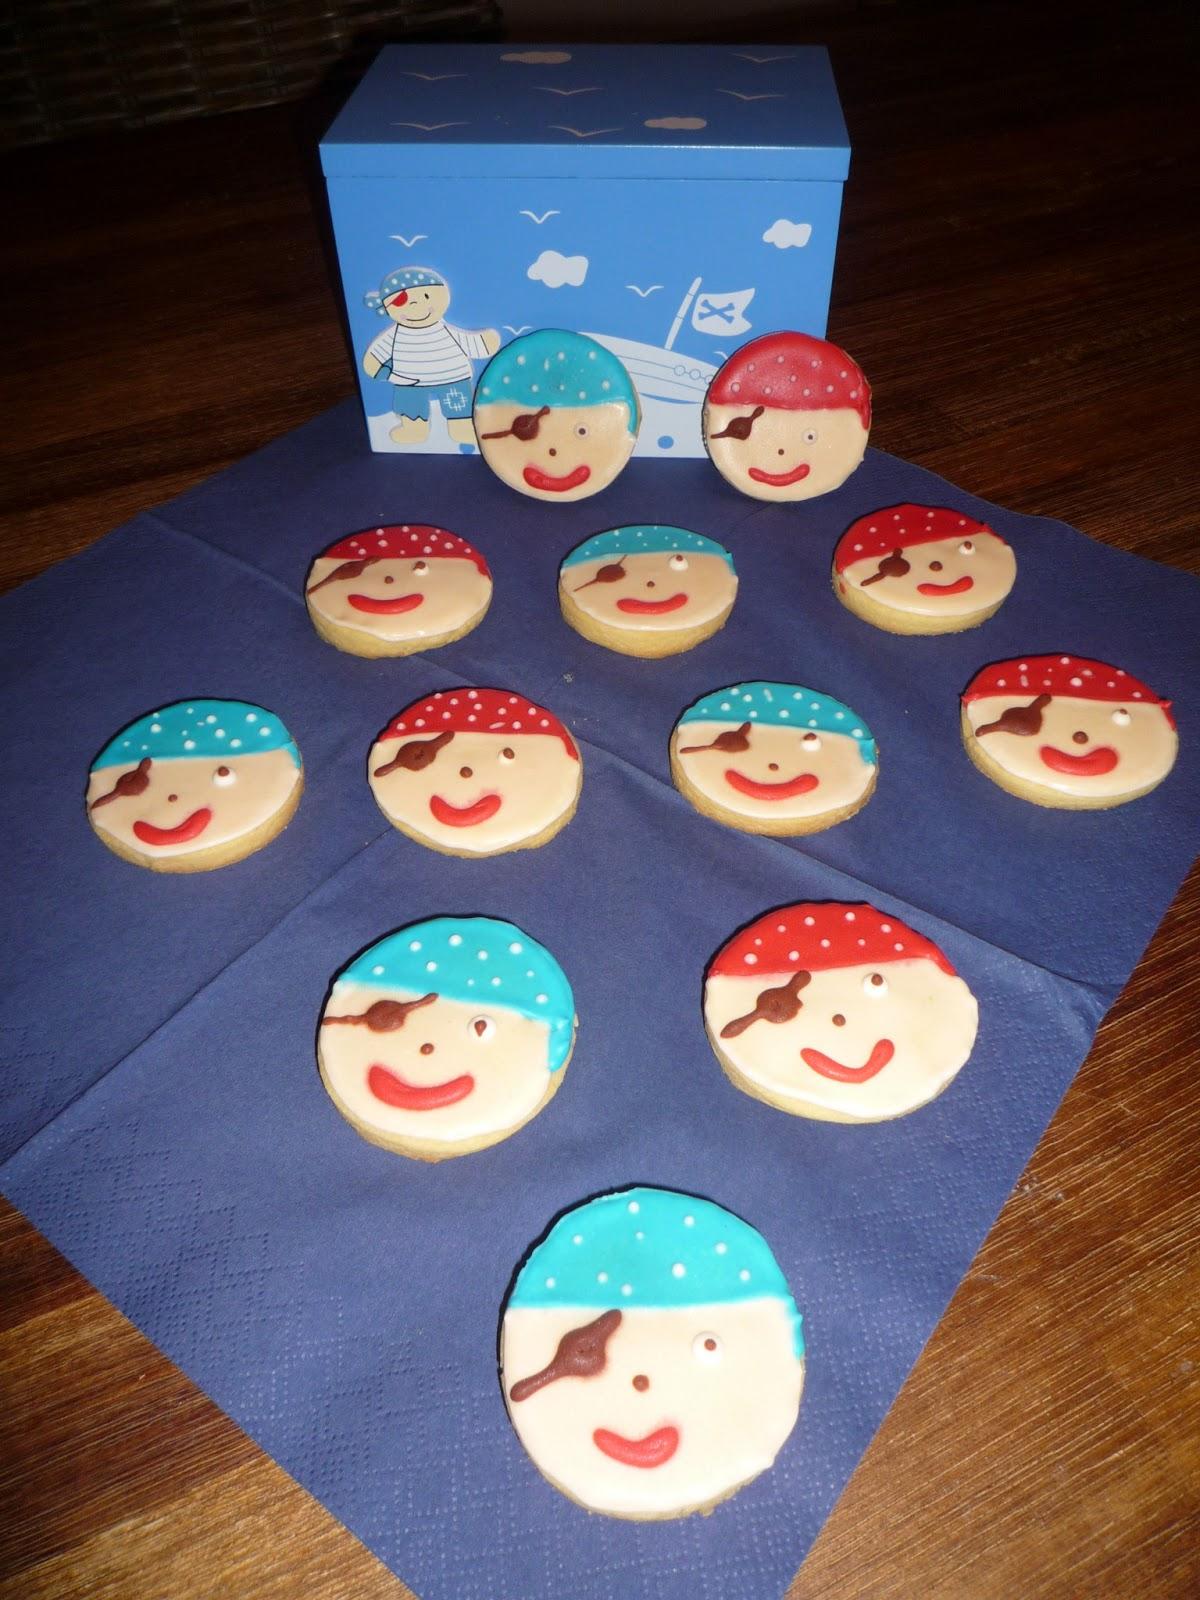 Piraten-Kekse, Kekse, Royal Icing